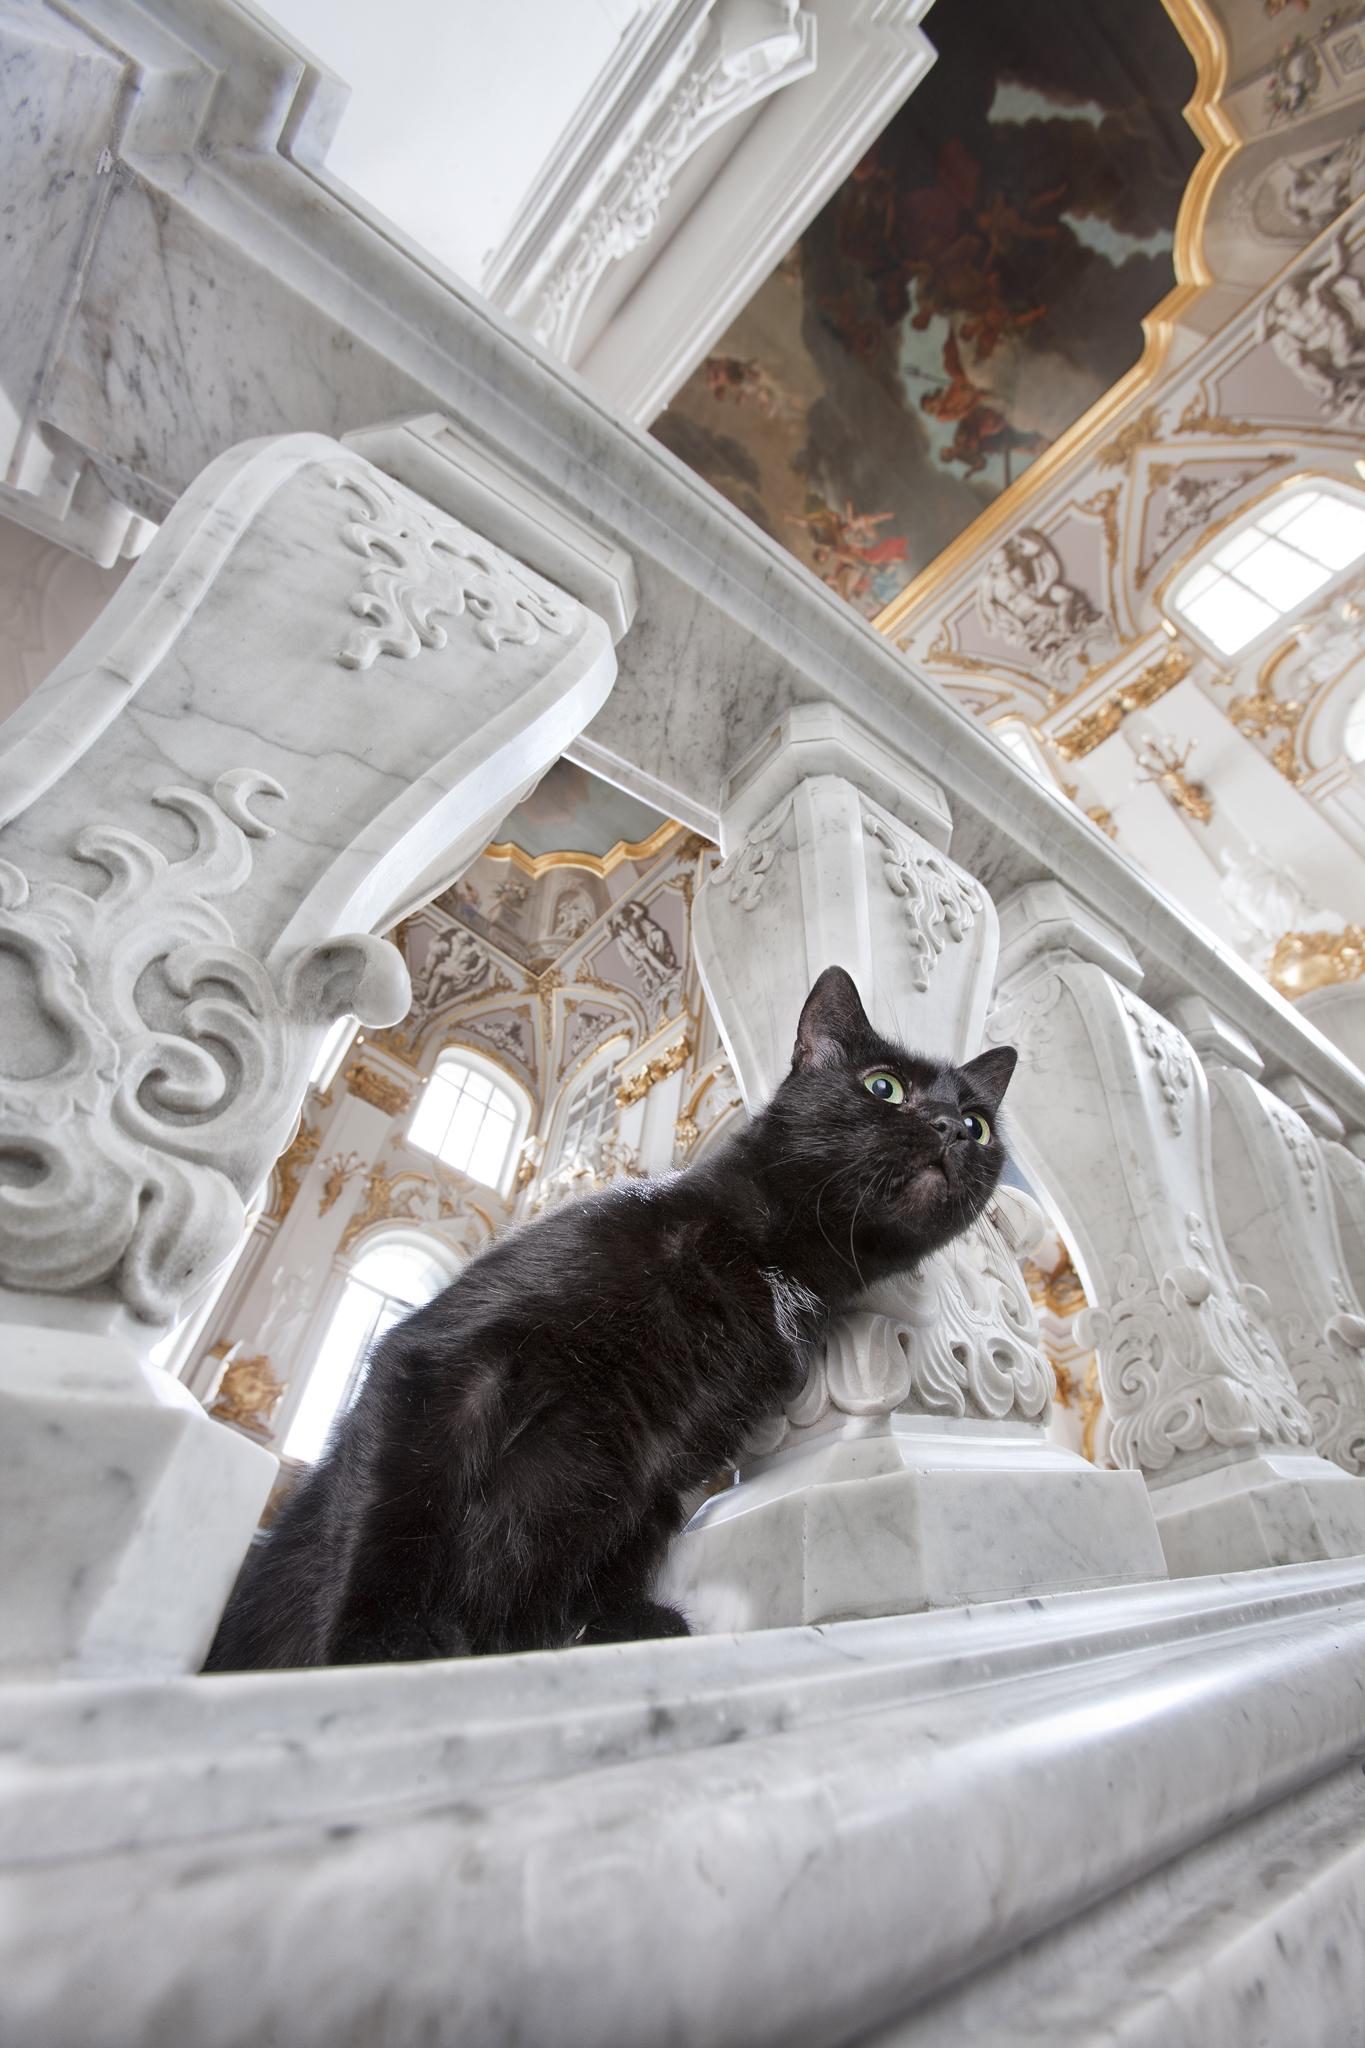 Vaksa, sur l'escalier du Jourdain. La discrète Vaksa est dotée d'une mauvaise vue, elle n'aime pas spécialement les étrangers, et quitte rarement l'Ermitage. Ici, elle a toujours de quoi faire : en se frottant affectueusement contre les jambes des employés, ce chat presque noir cire leurs chaussures depuis de longues années.